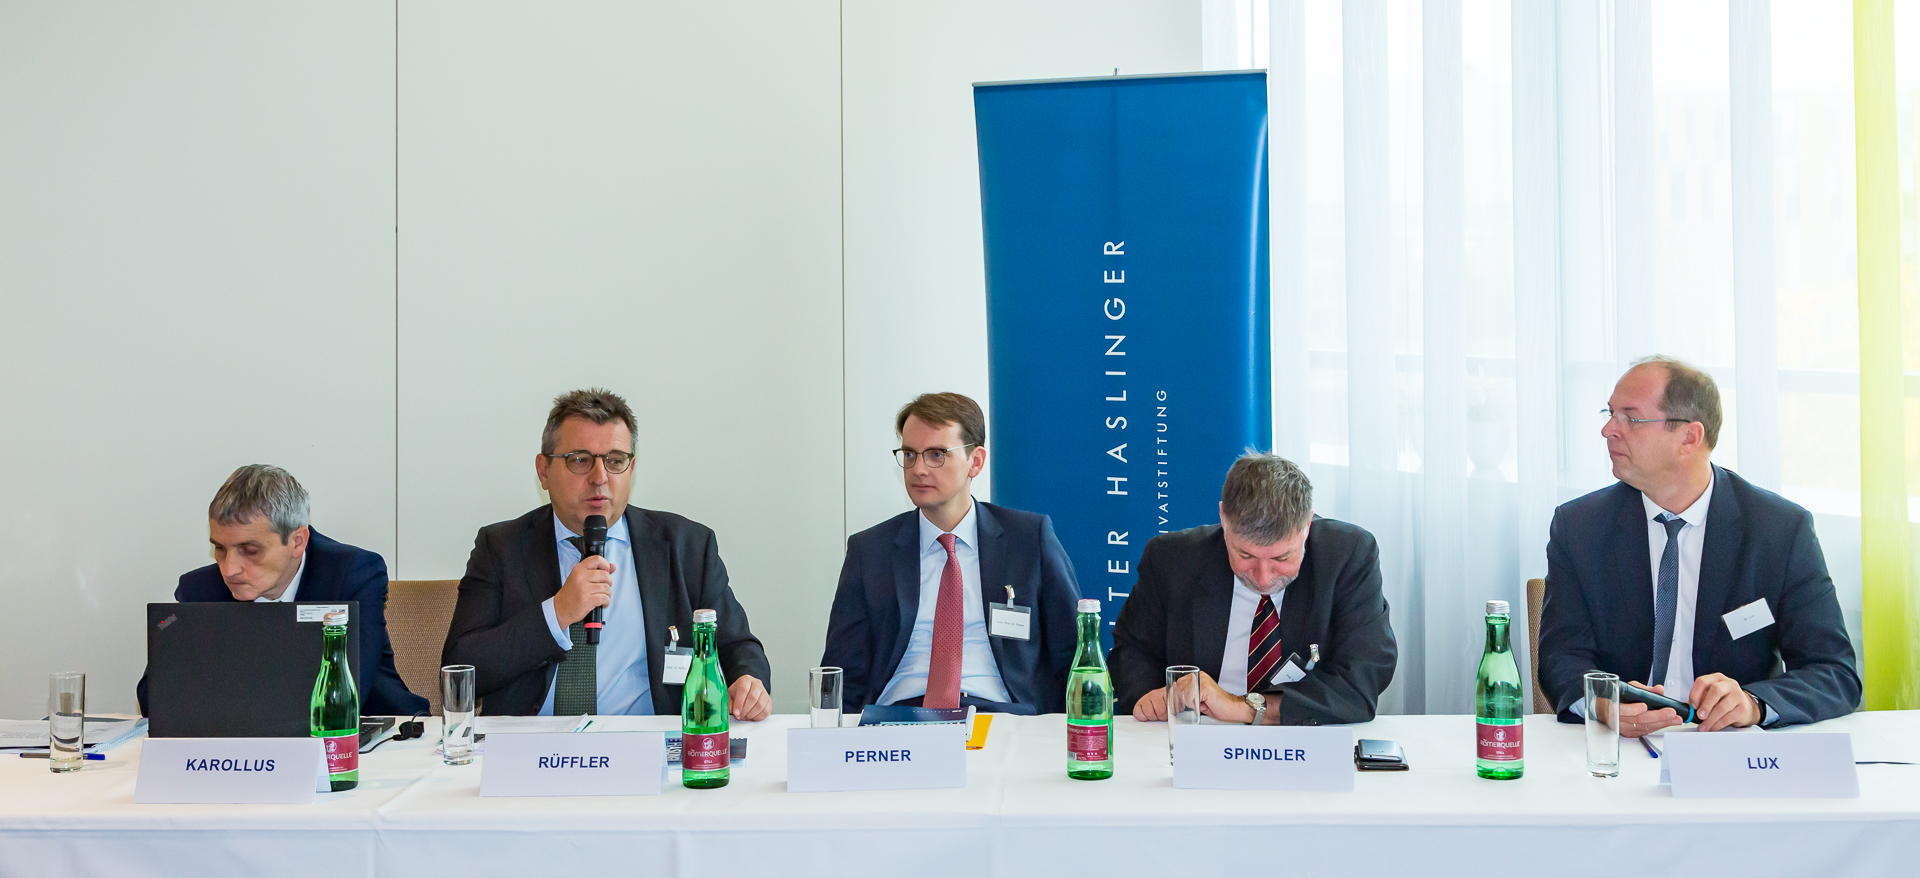 Die Professoren Karollus, Rüffel, Perner, Spindler und Partner Dr. Lux am Podium.